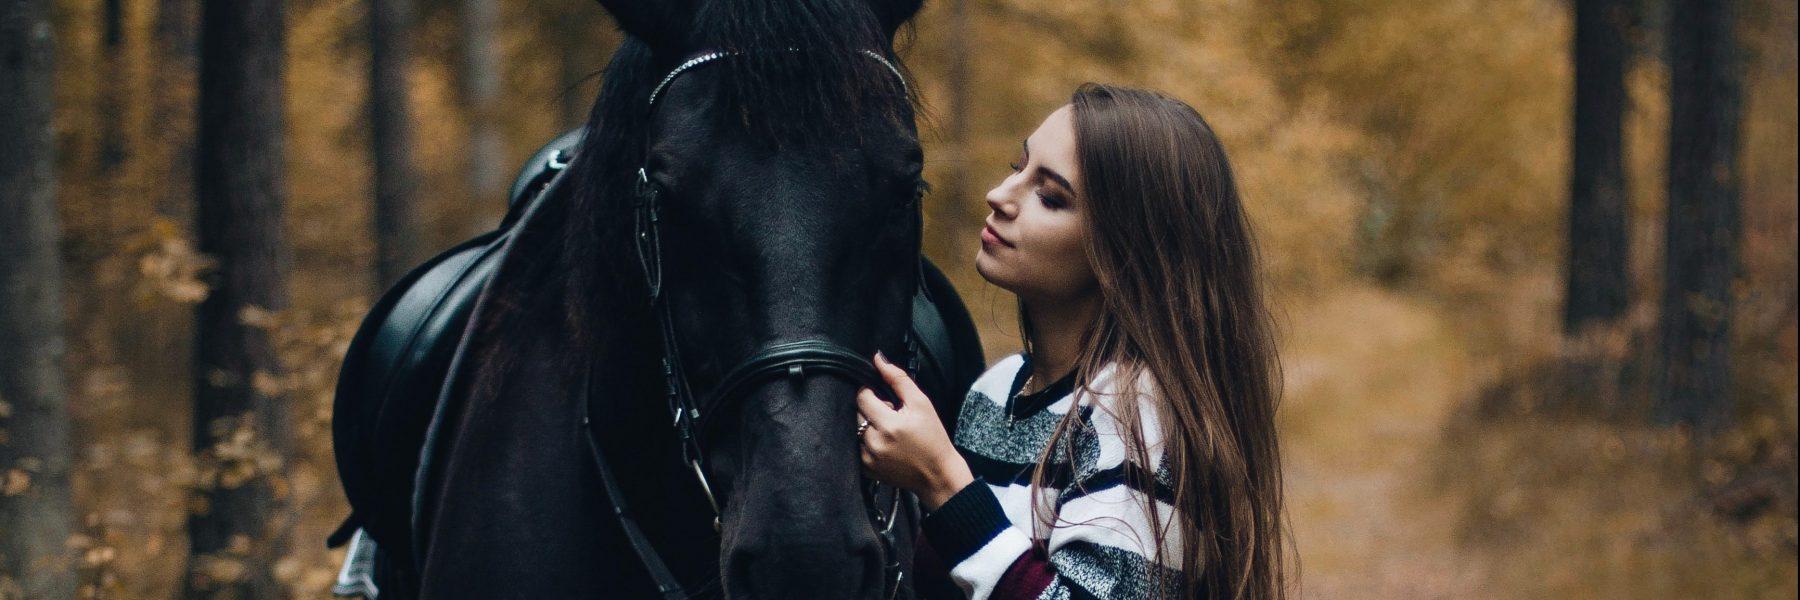 Forum cheval rencontre cavalier et cavalière